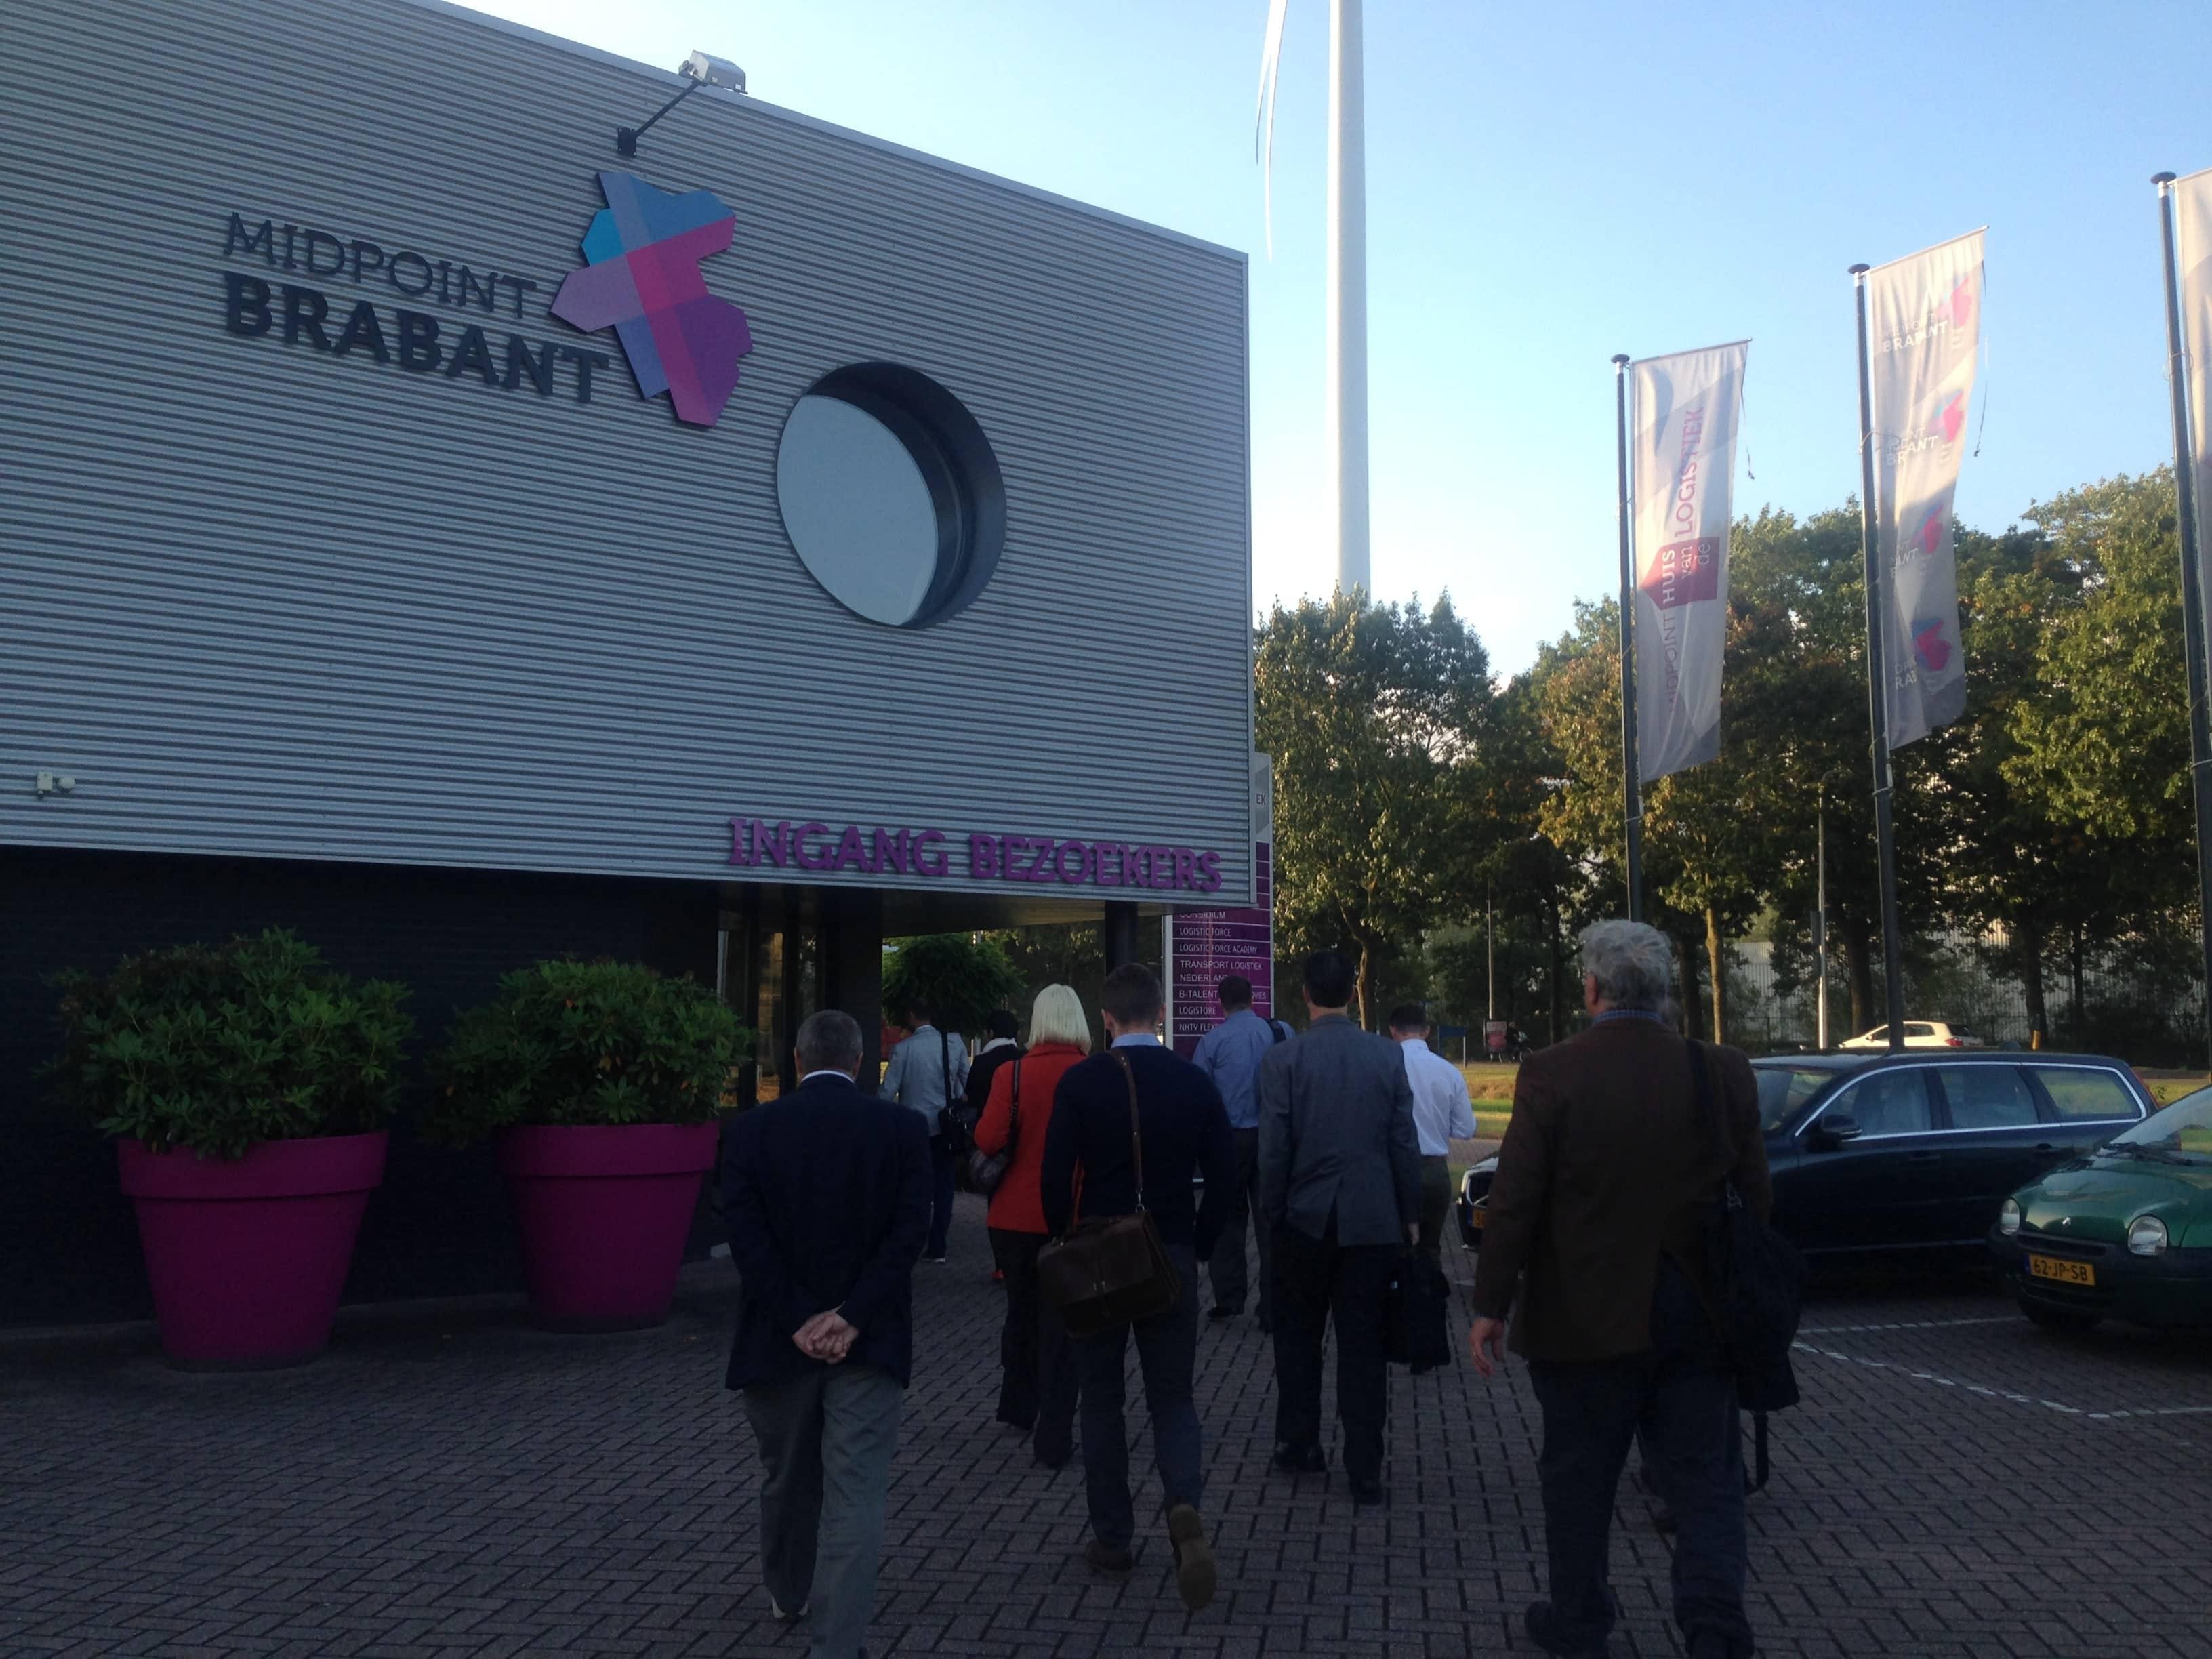 Hollannd's Top Ranked Logistics Sector Logistics Mid Brabant